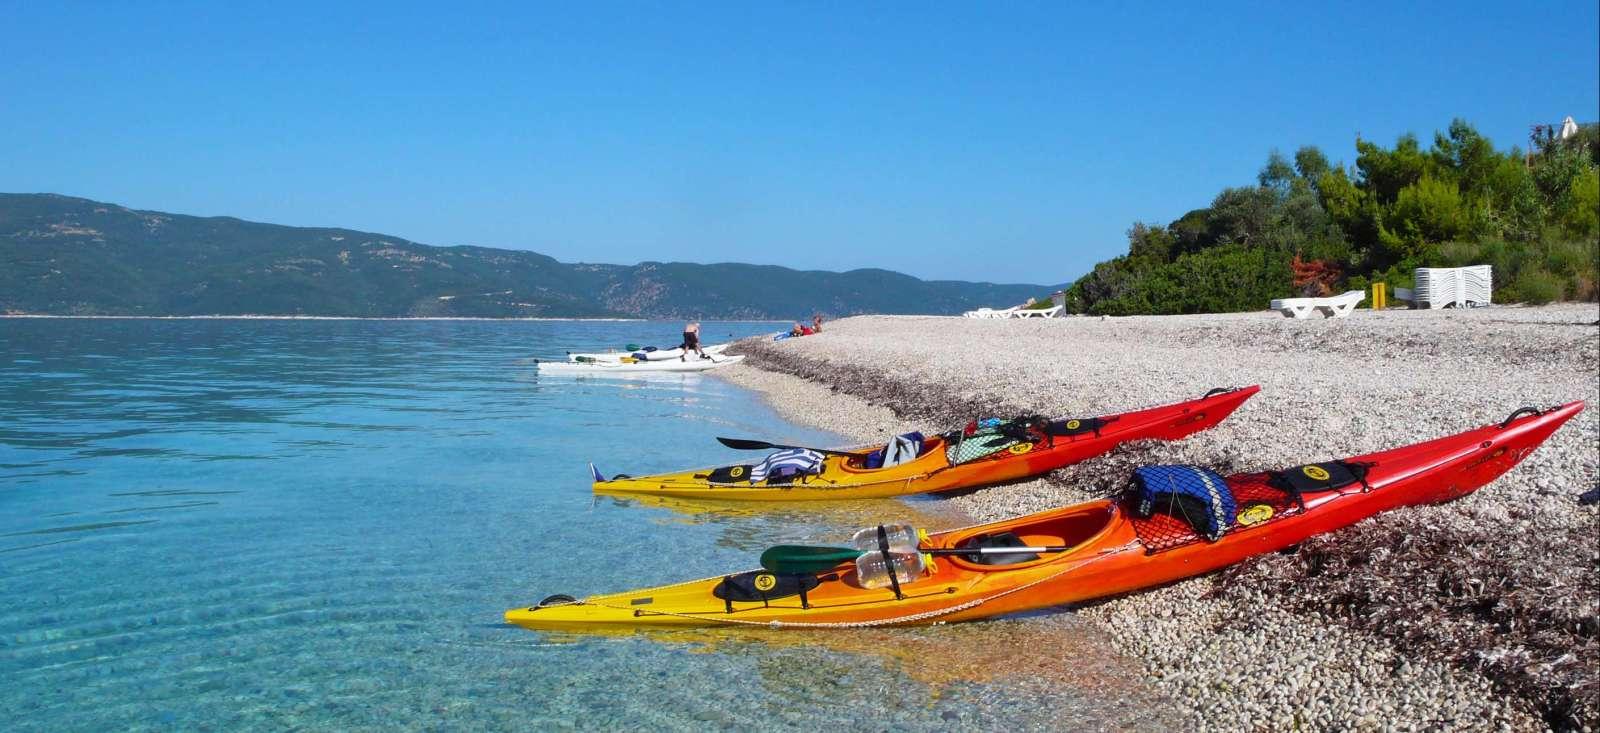 Voyage sur l'eau Grèce : Les îles ioniennes au fil de l\'eau !